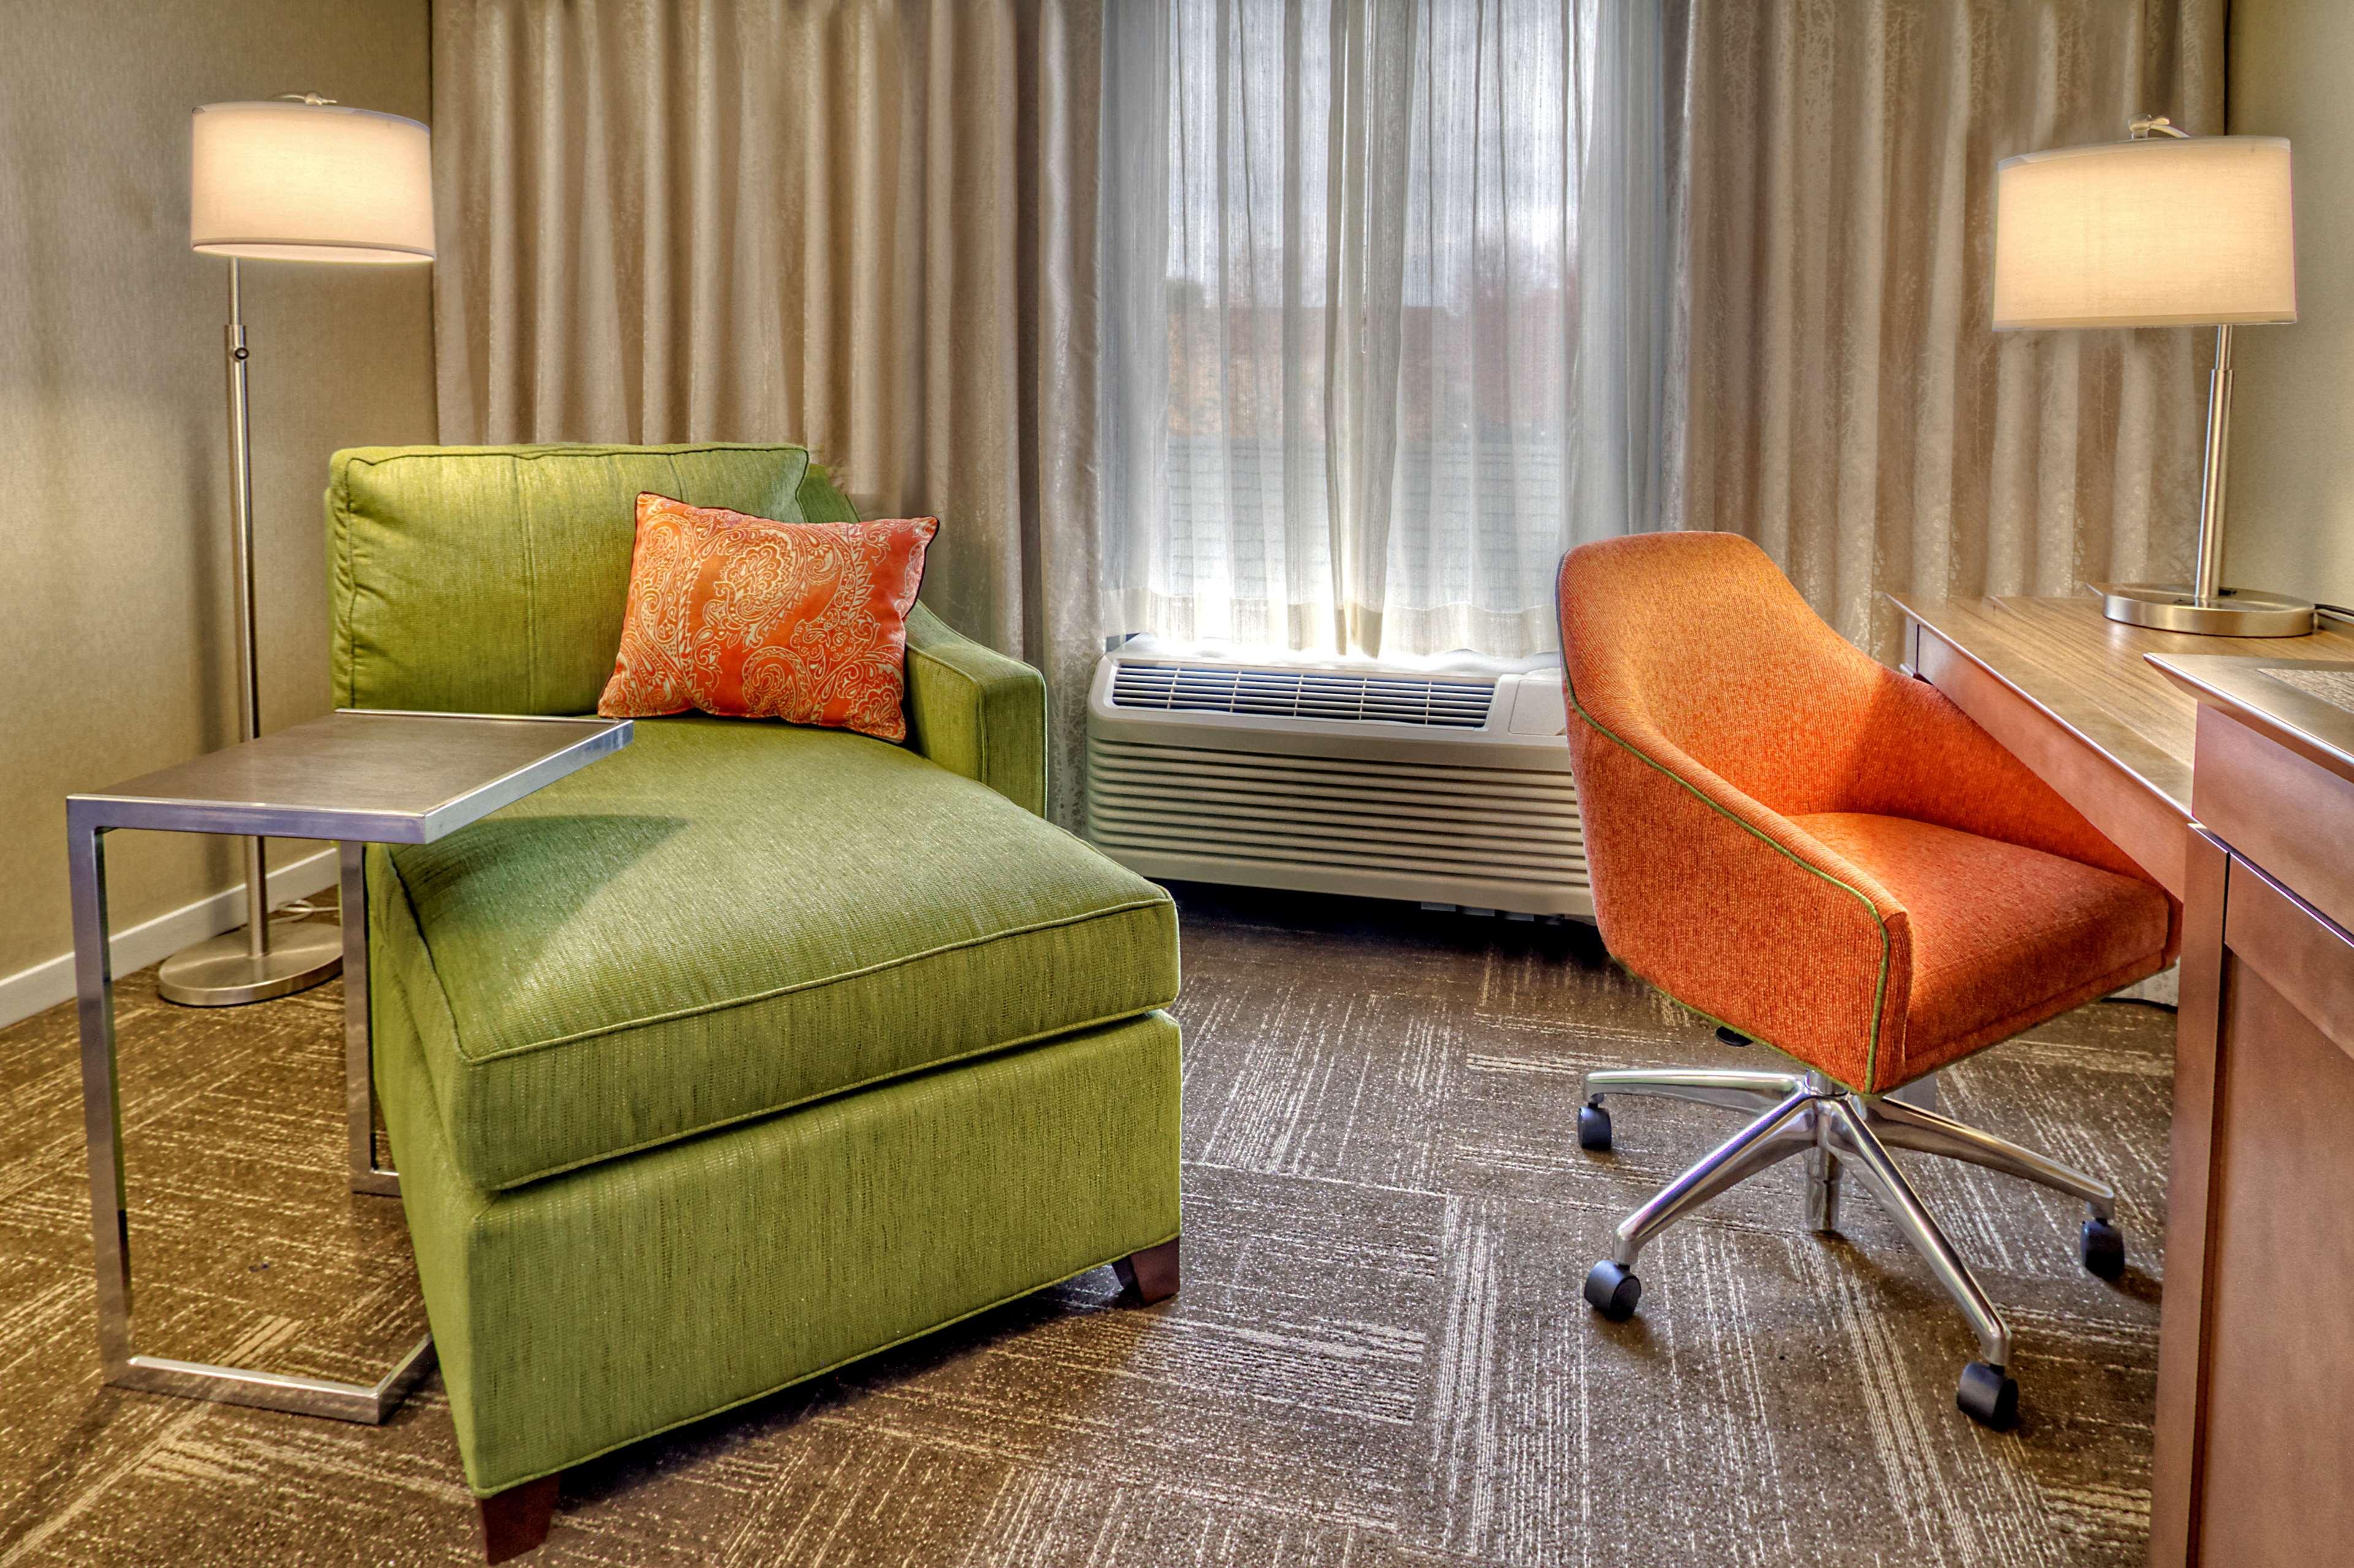 Hampton Inn & Suites Asheville-I-26 image 21